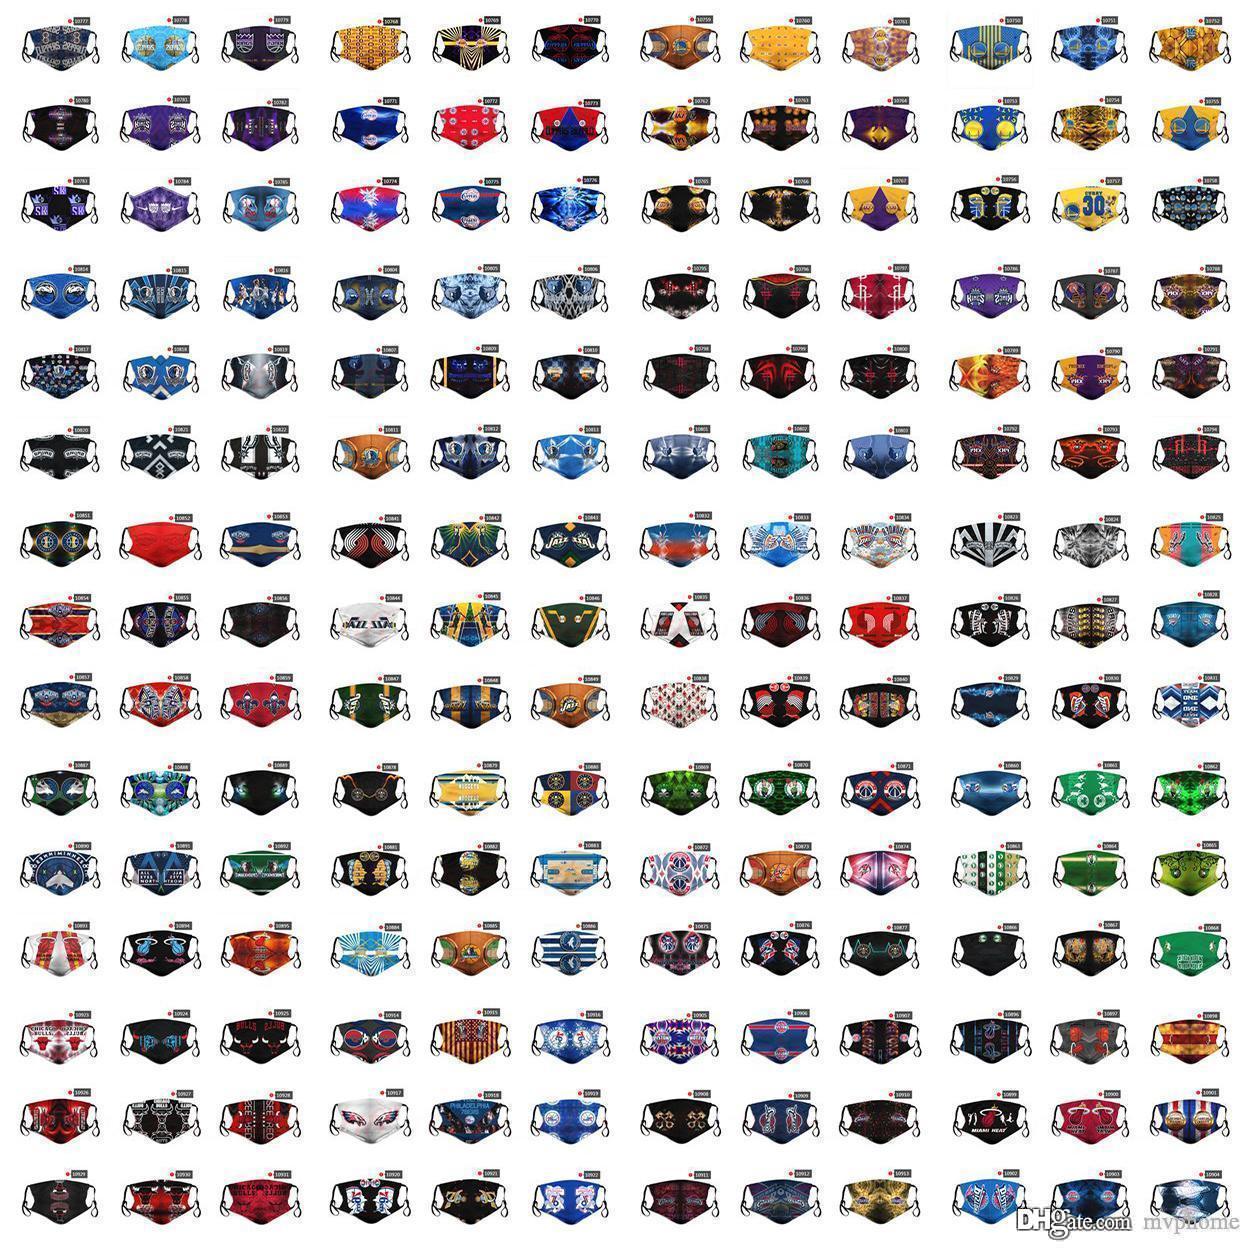 DHL-freies Verschiffen 2020 neue Designer-Gesichtsmaske Staub 2020nba Basketball-Team Persönlichkeit Maske Maske PM2.5 Masken Mischaufträge platzieren